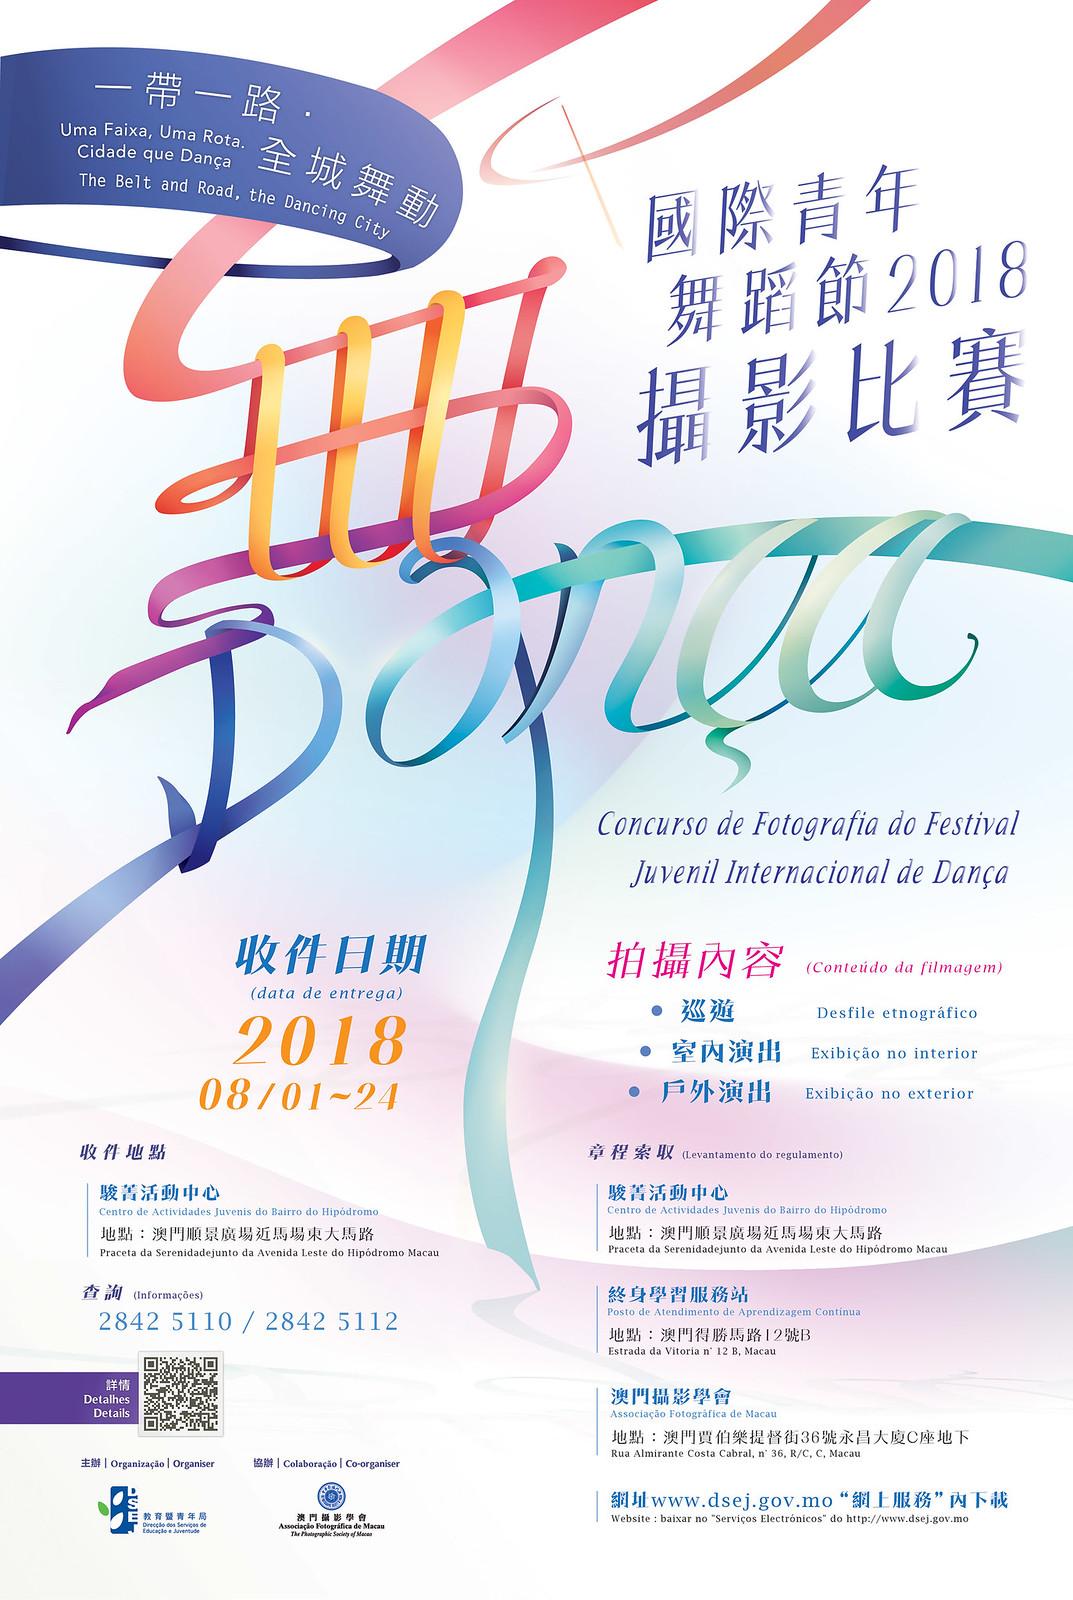 poster-final-1405-cs6